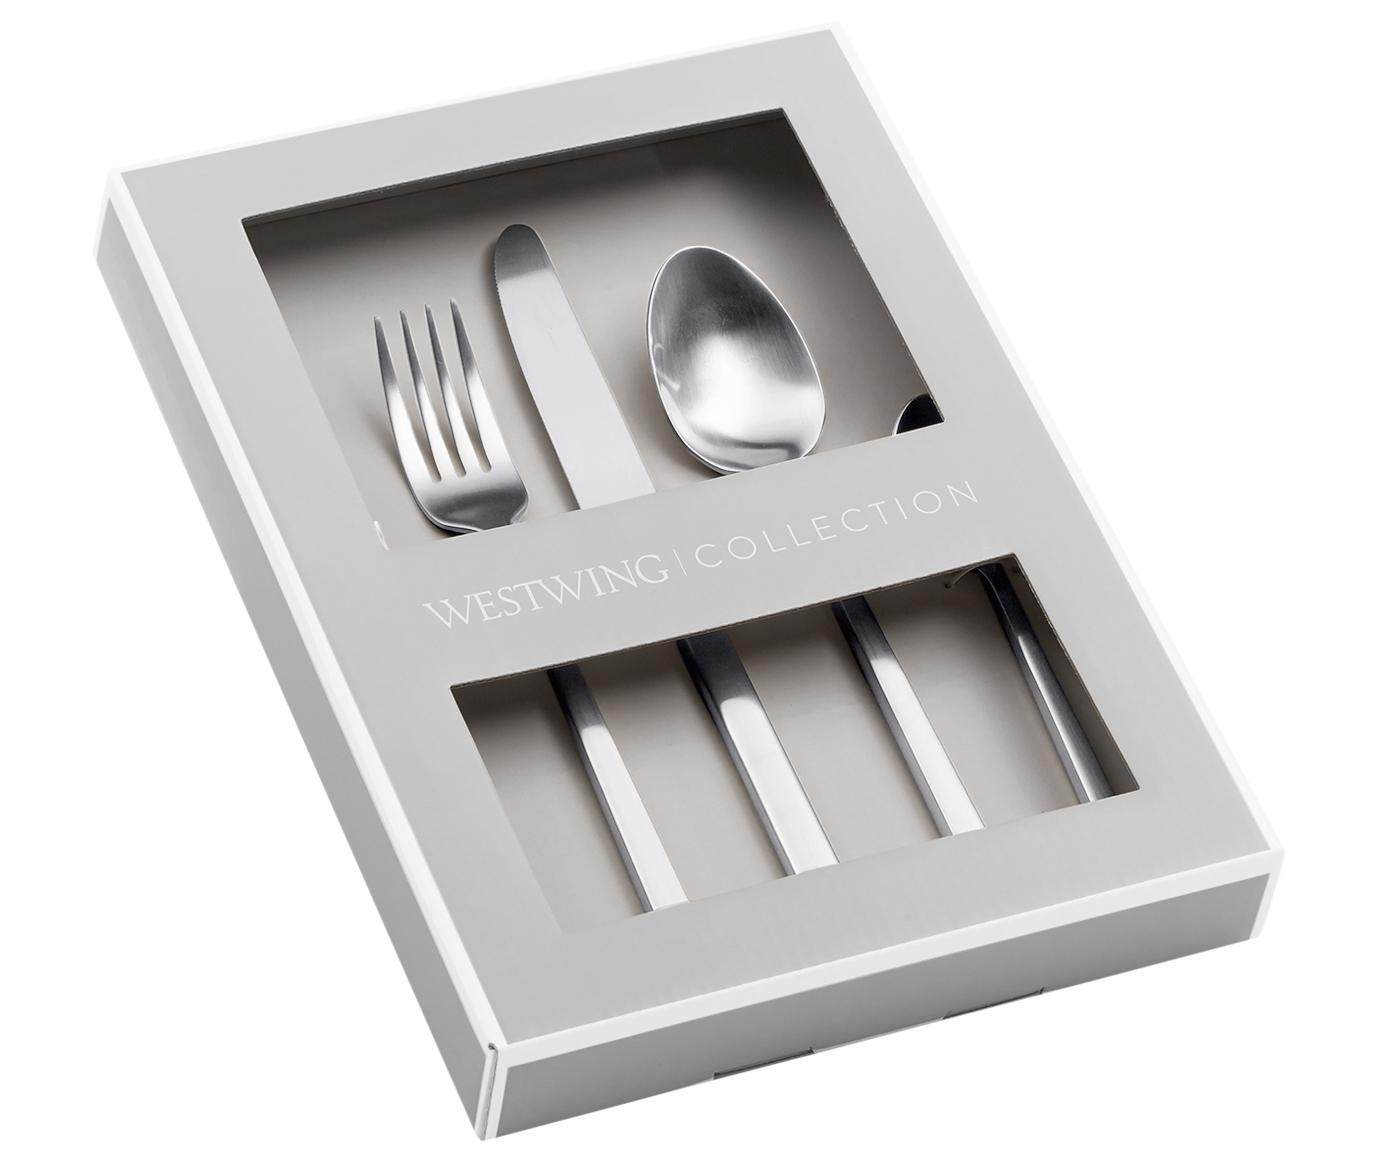 Set posate argentate in acciaio inossidabile Shine, Coltello: Acciaio inossidabile 13/0, Acciaio inossidabile, 4 persone (20 pz.)